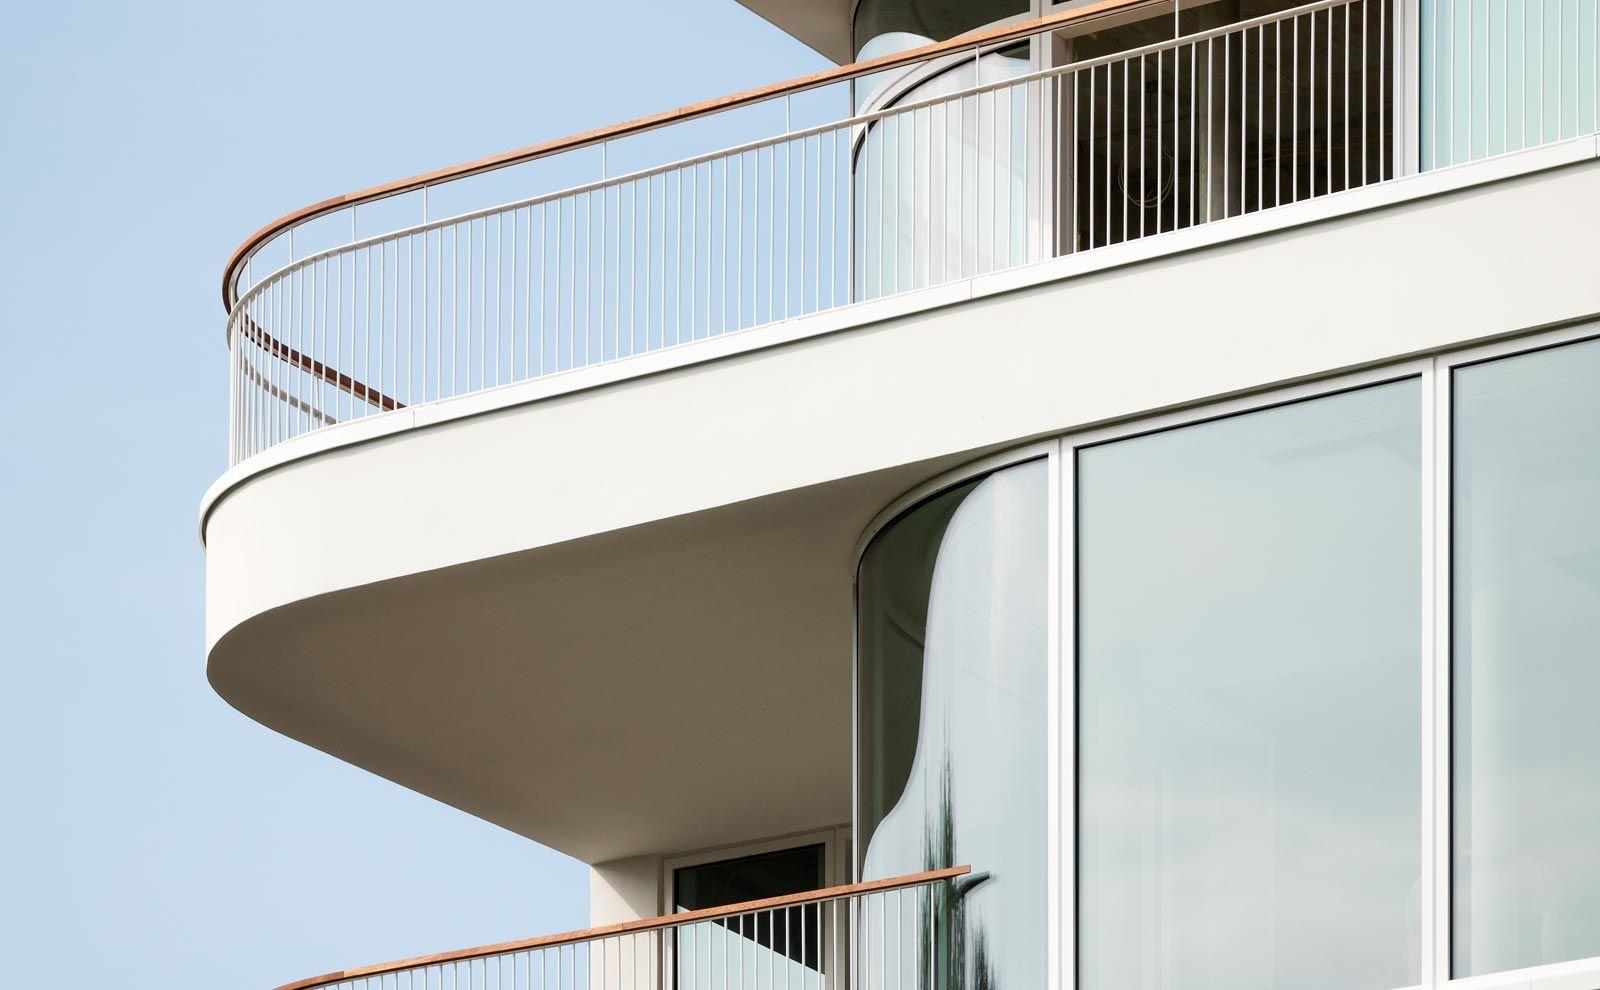 Fassadendetail BAID Architektur mit organisch geschwungener Terrasse und feingliedrigen Geländer